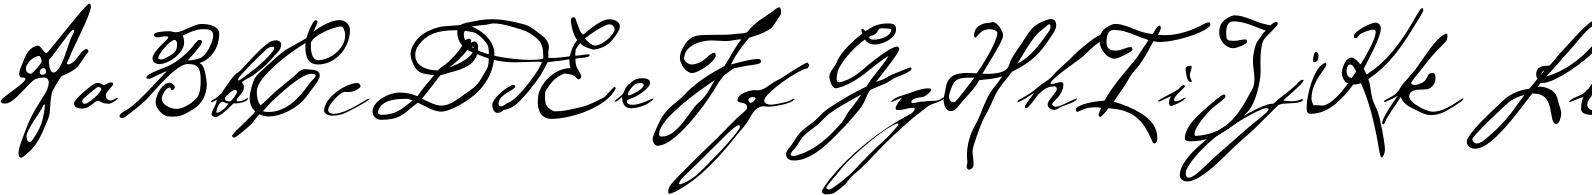 P22 Signature Pack